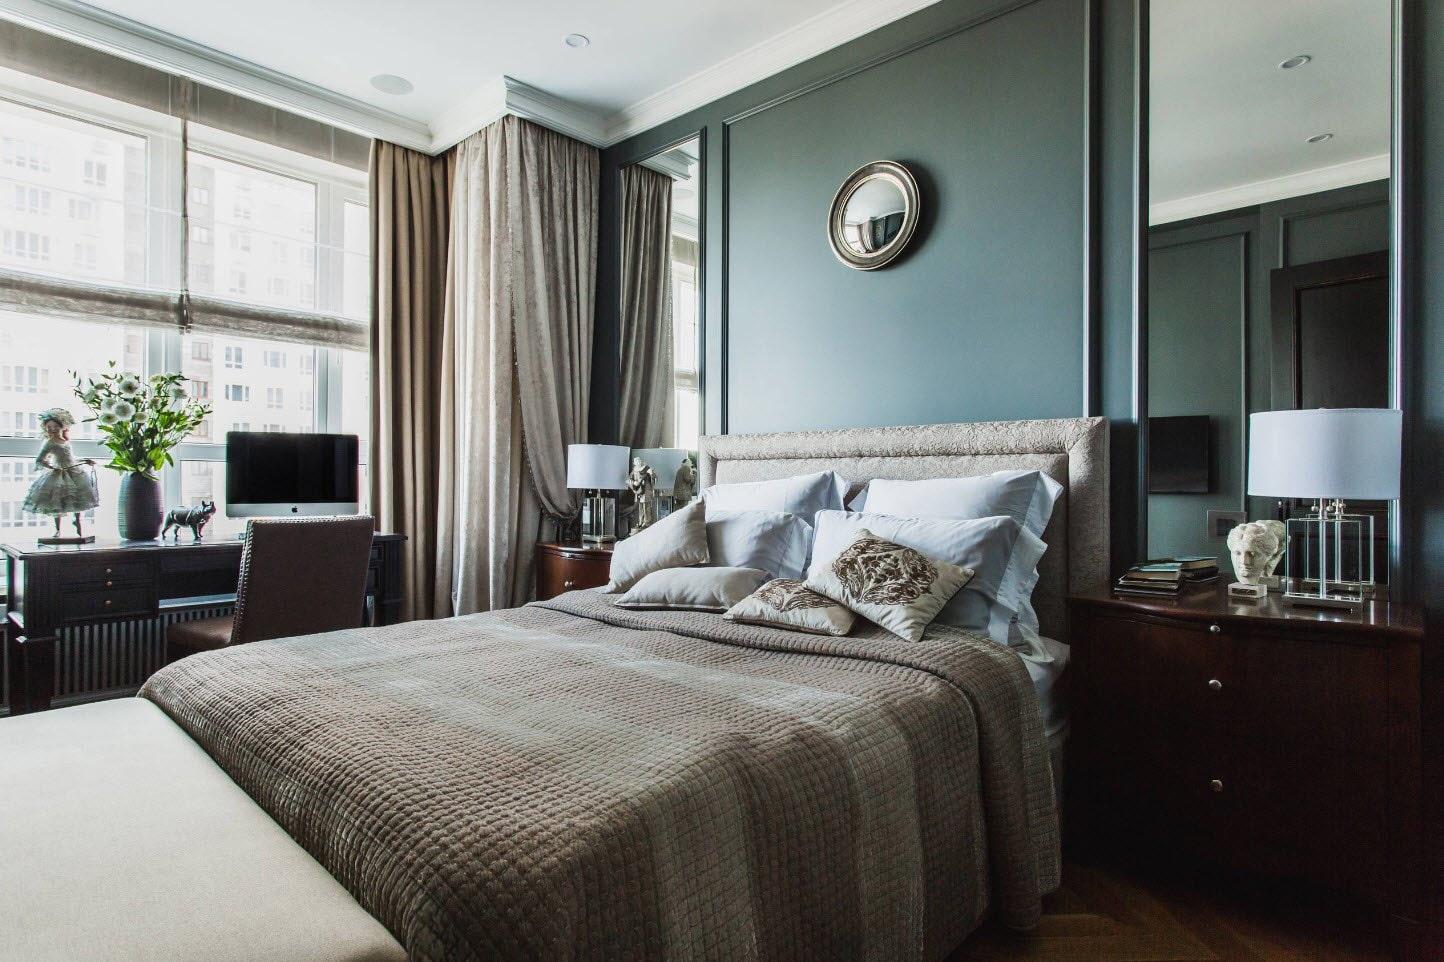 расстановка мебели в спальне фото дизайн